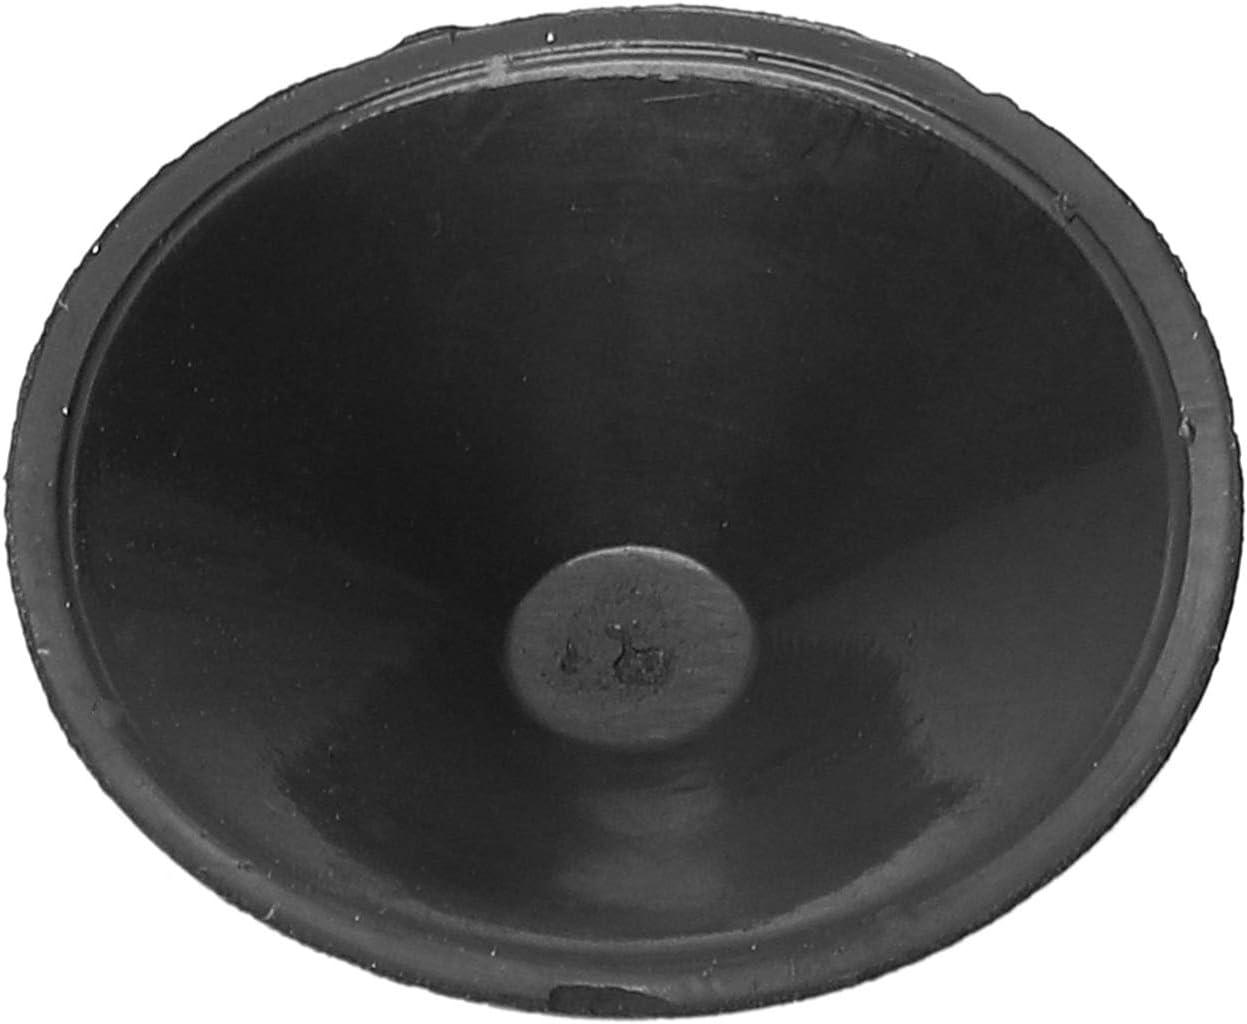 Fauge 10 X Caoutchouc Noir 27Mm Ventouse Clip Ventouse pour Pompe DAquarium